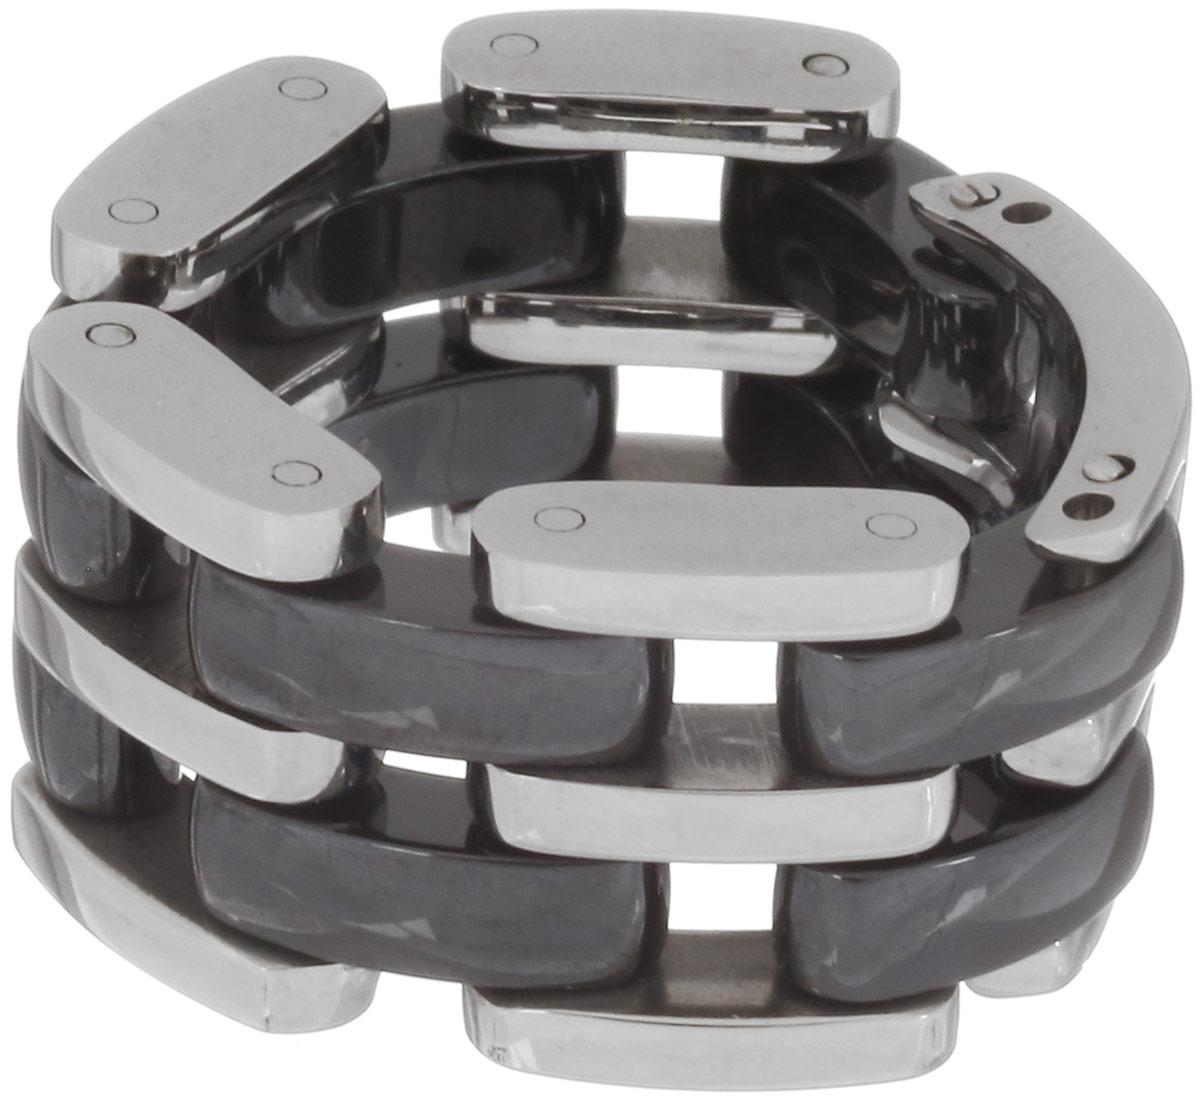 Кольцо Art-Silver, цвет: серебристый, черный. QD39B-783. Размер 22QD39B-783Стильное шарнирное кольцо Art-Silver изготовлено из керамики и стали. Модель оформлена оригинальным плетением. Стильное кольцо придаст вашему образу изюминку и подчеркнет индивидуальность.